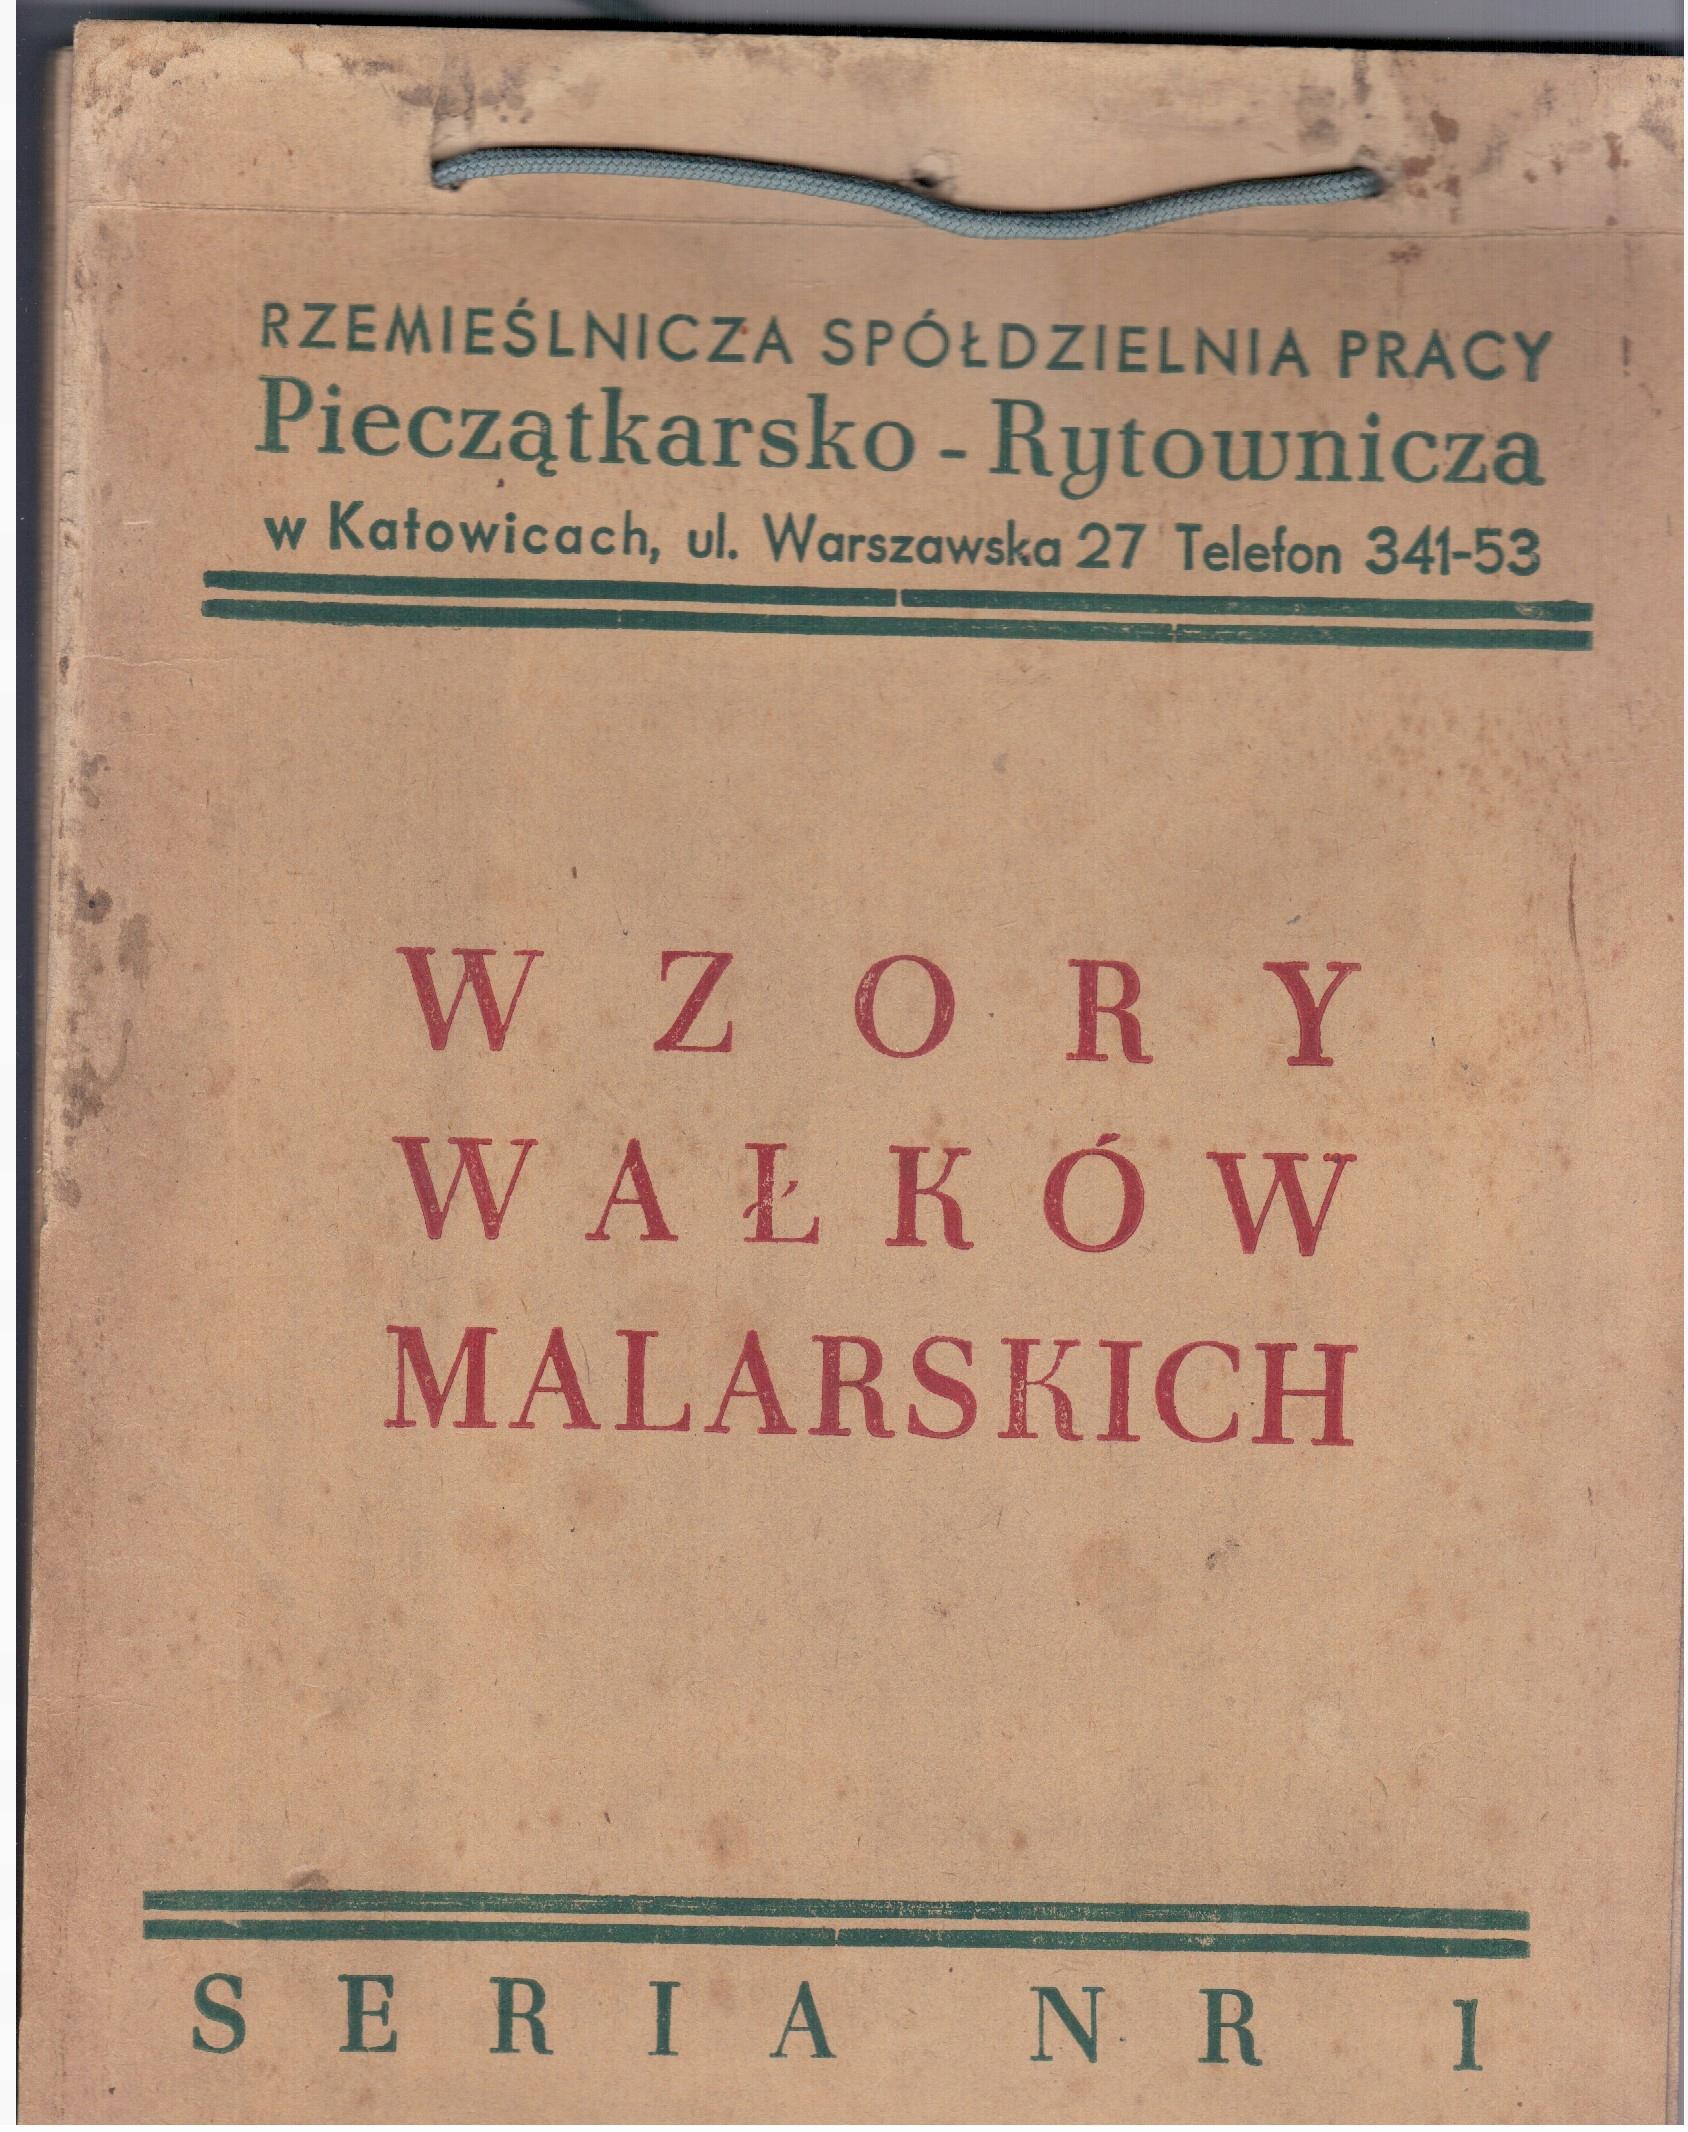 Wzory wałków malarskich x 24 wzornictwo Katowice